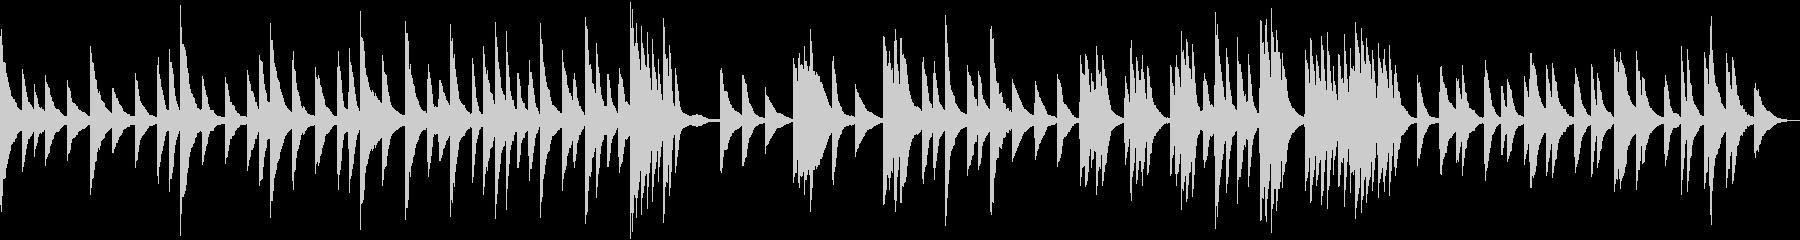 淡々と静かに流れるピアノソロの未再生の波形